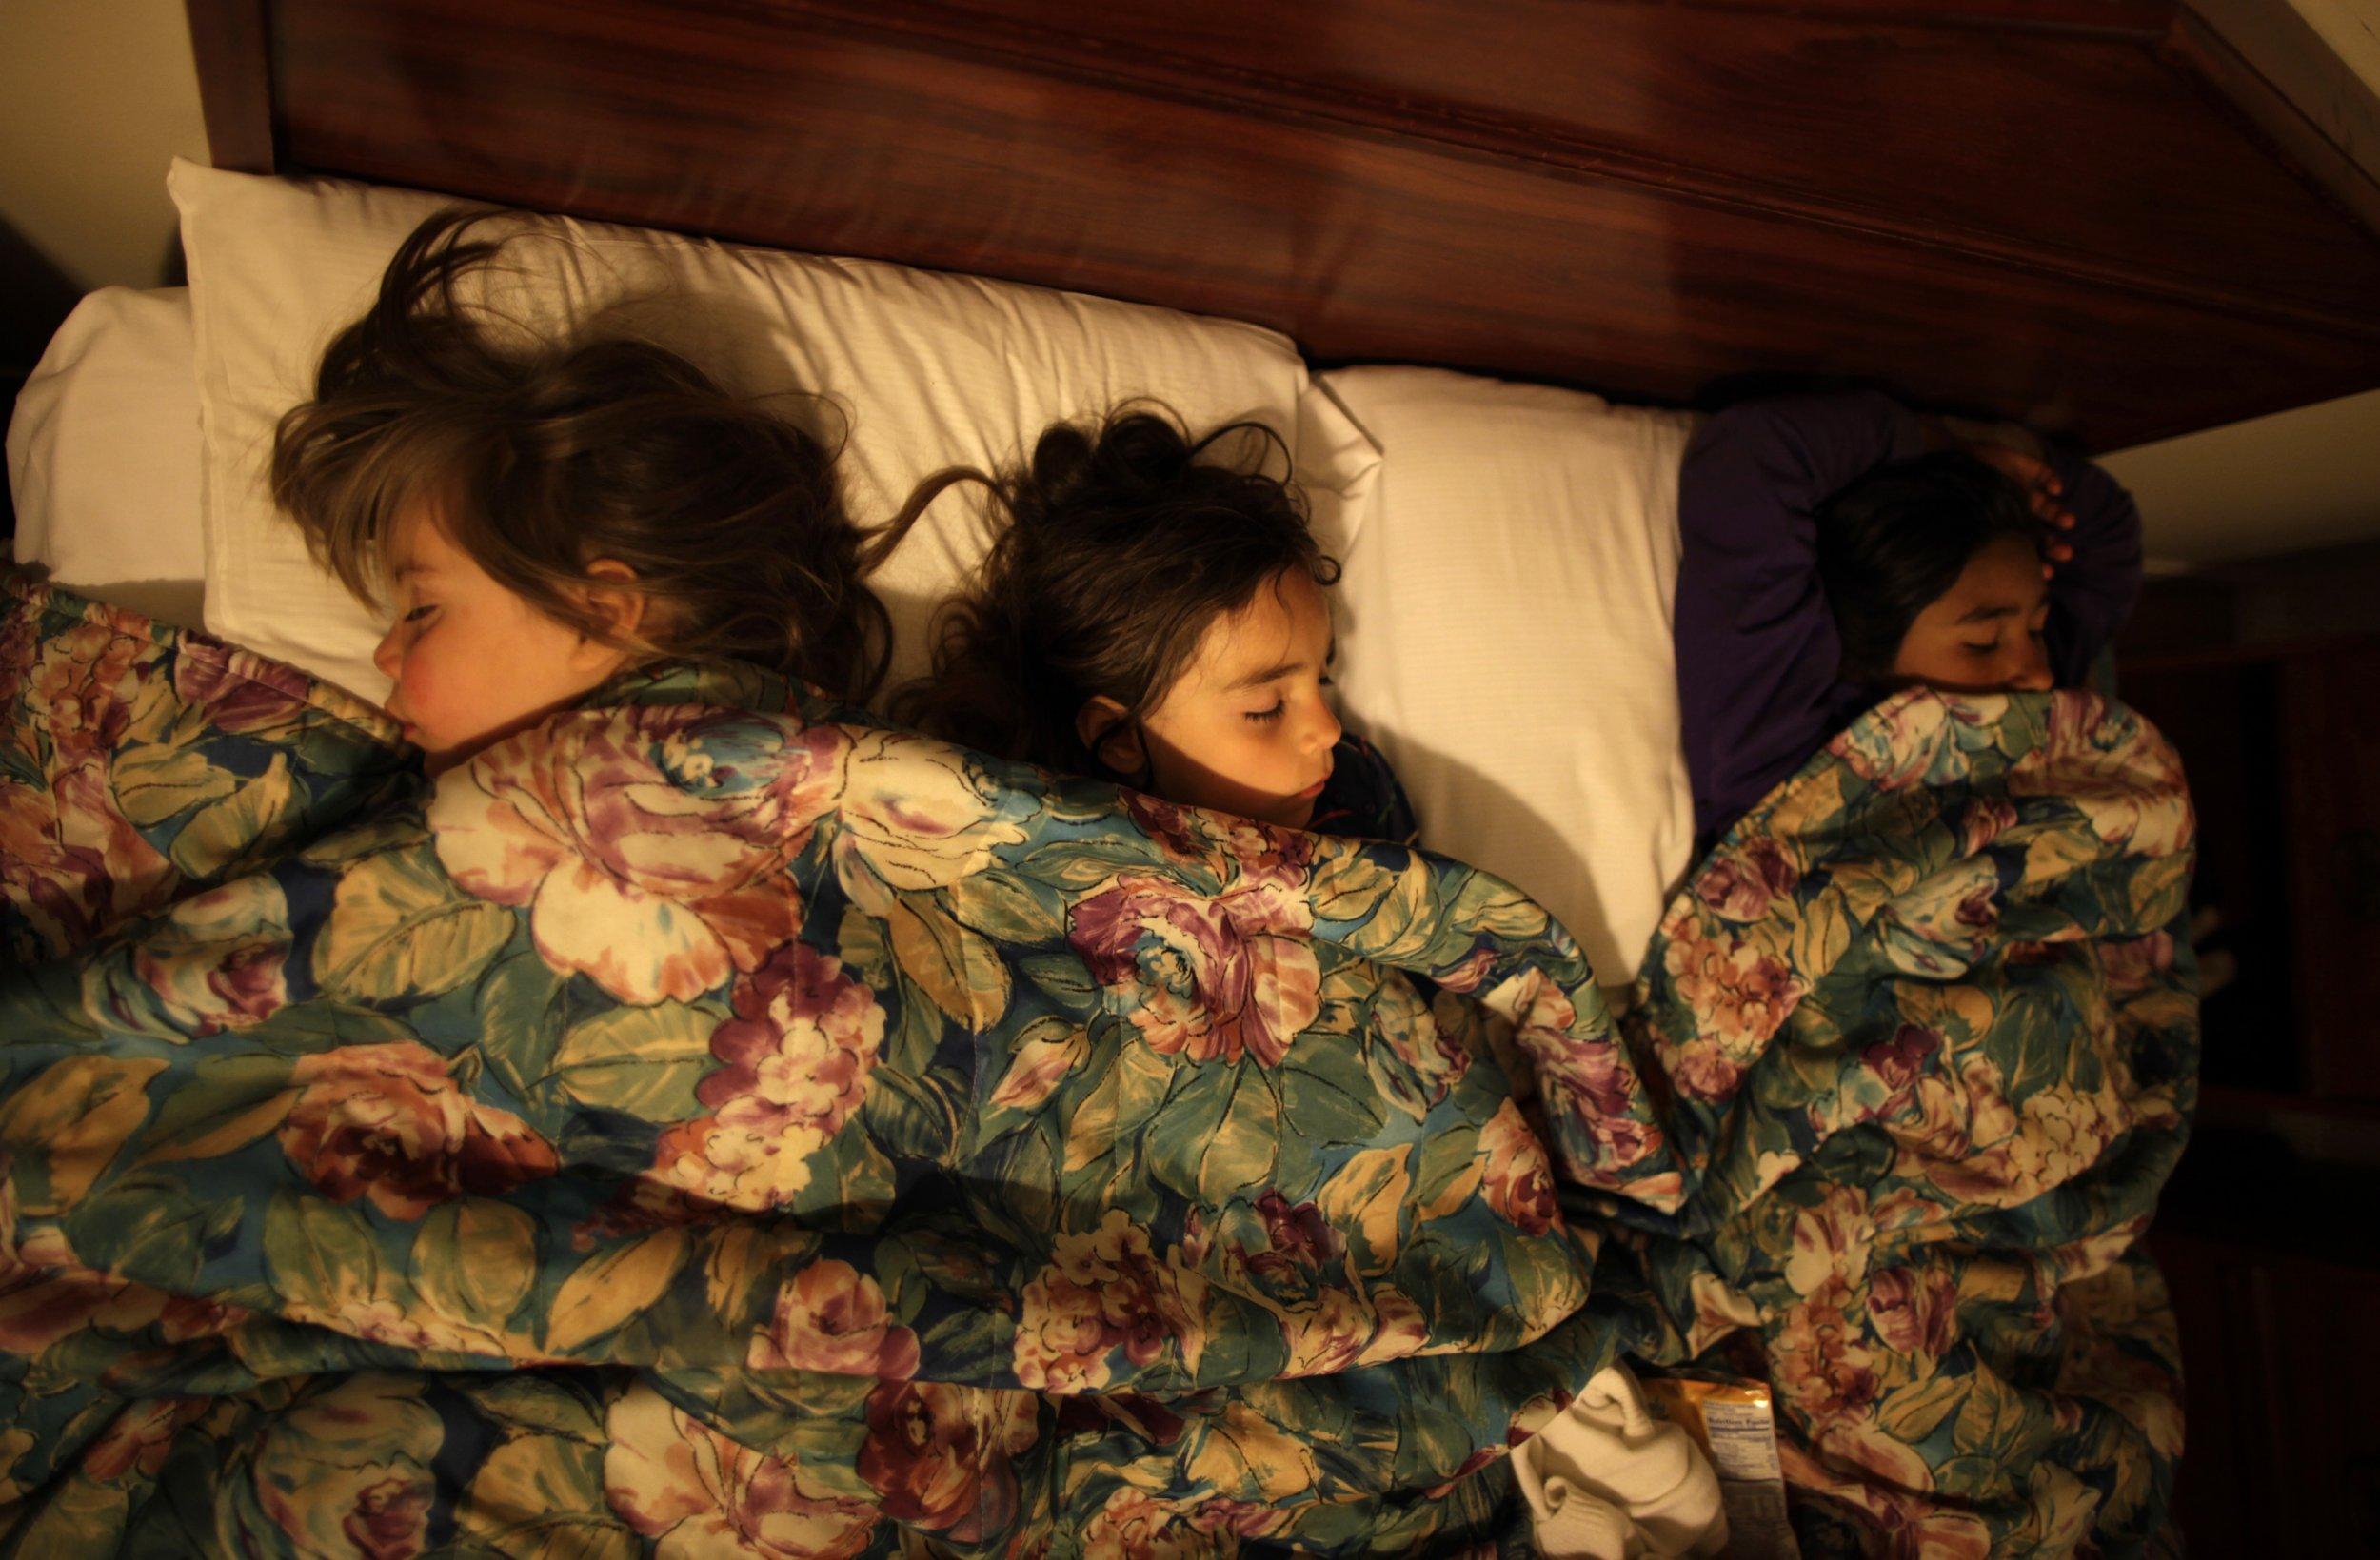 11-17-14 Child homelessness main